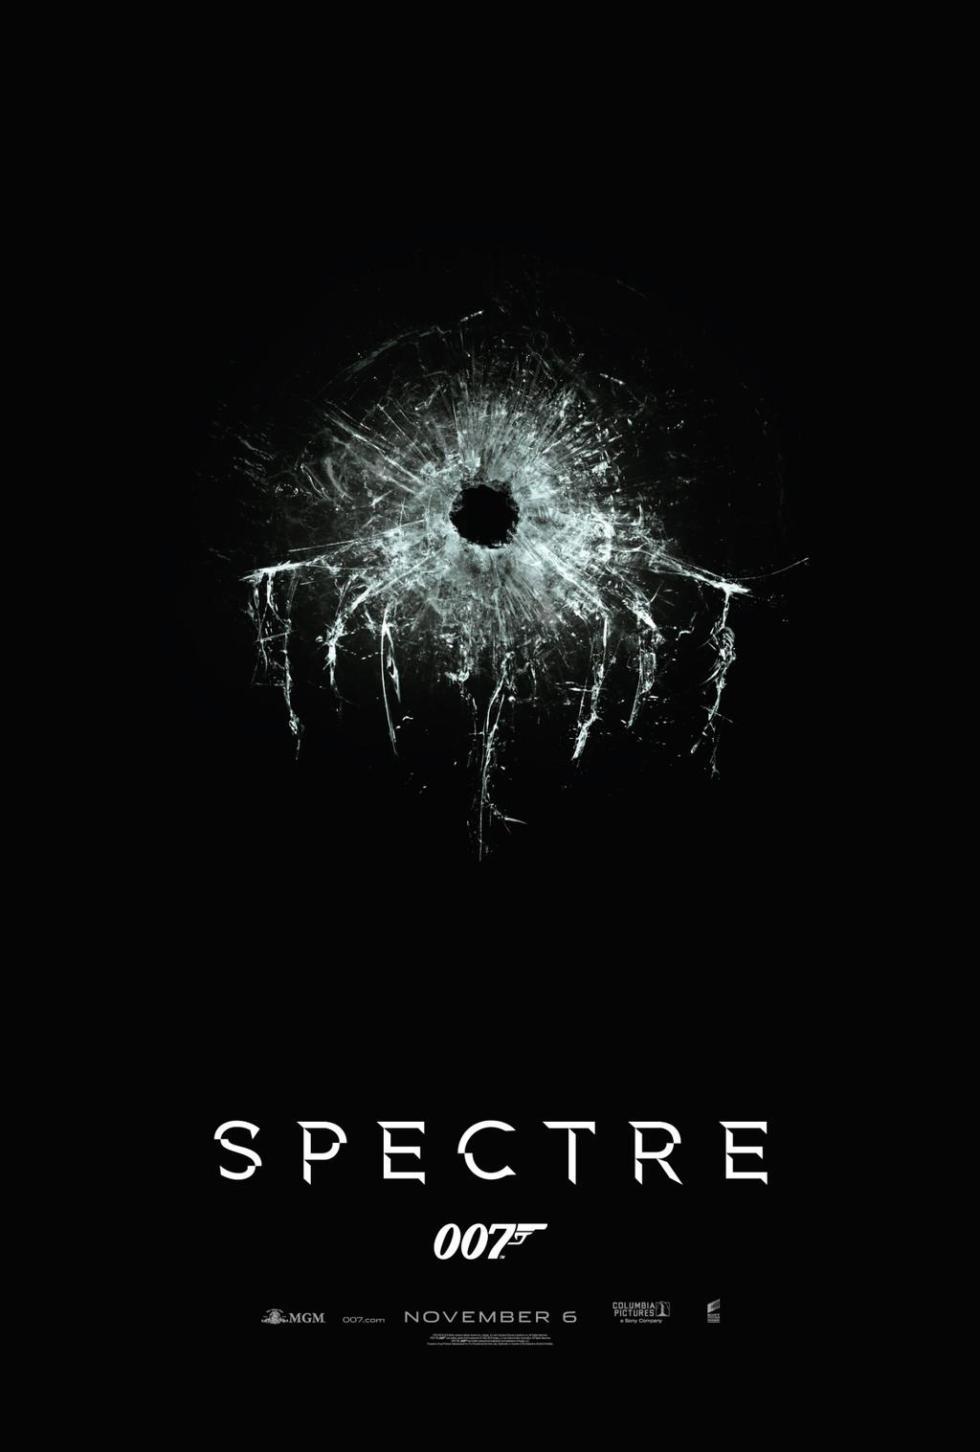 007 Spectre 2015